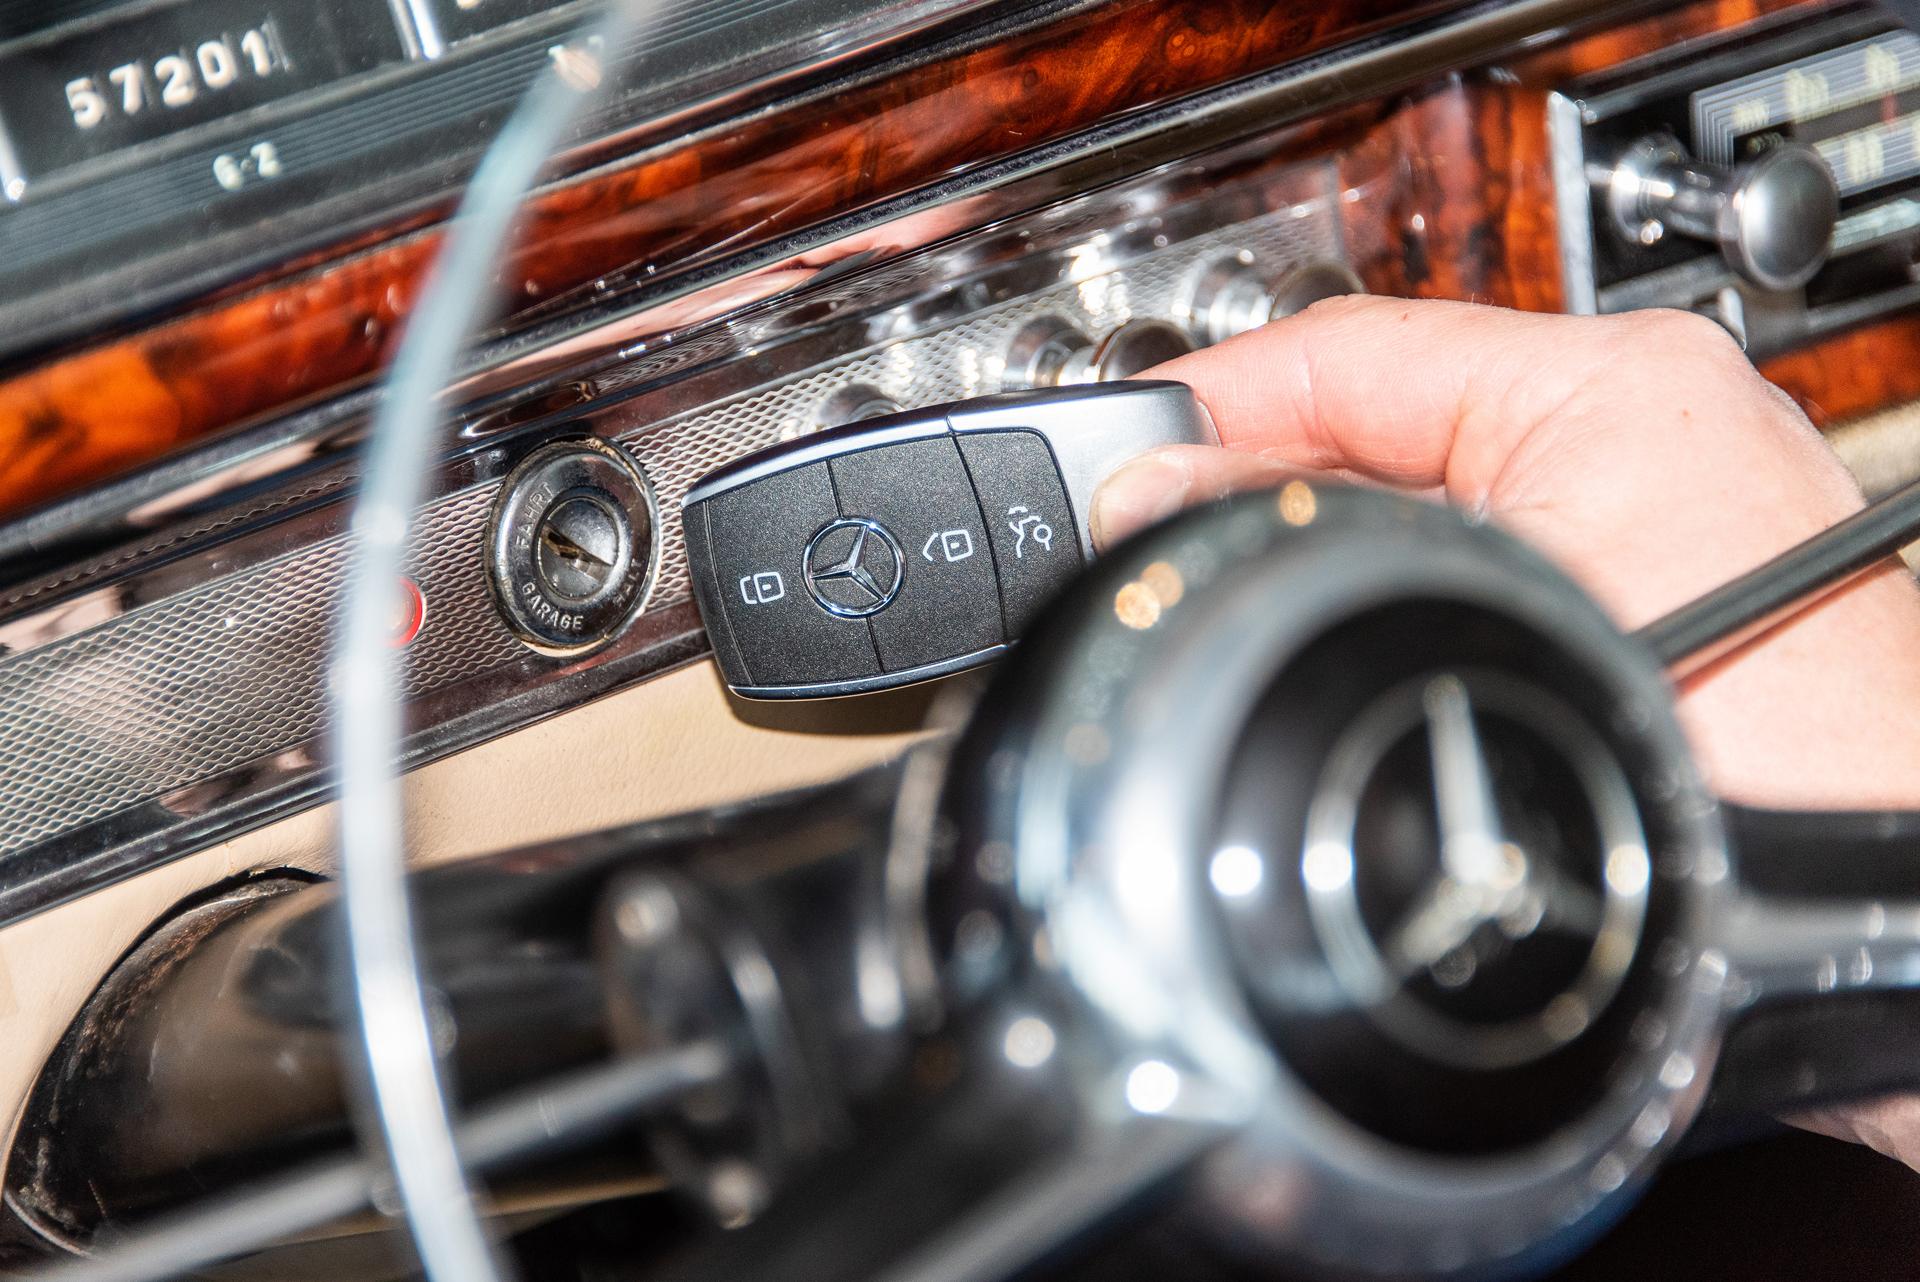 """Der Zündschlüssel, eines von """"33 Extras"""" des Mercedes-Benz Museums: Längst ist der Bartschlüssel abgelöst von handlichen Elektronikeinheiten als Teil eines Fahrtberechtigungssystems. Hier am Zündschloss eines Mercedes-Benz 220 S Cabriolet (W 180)."""